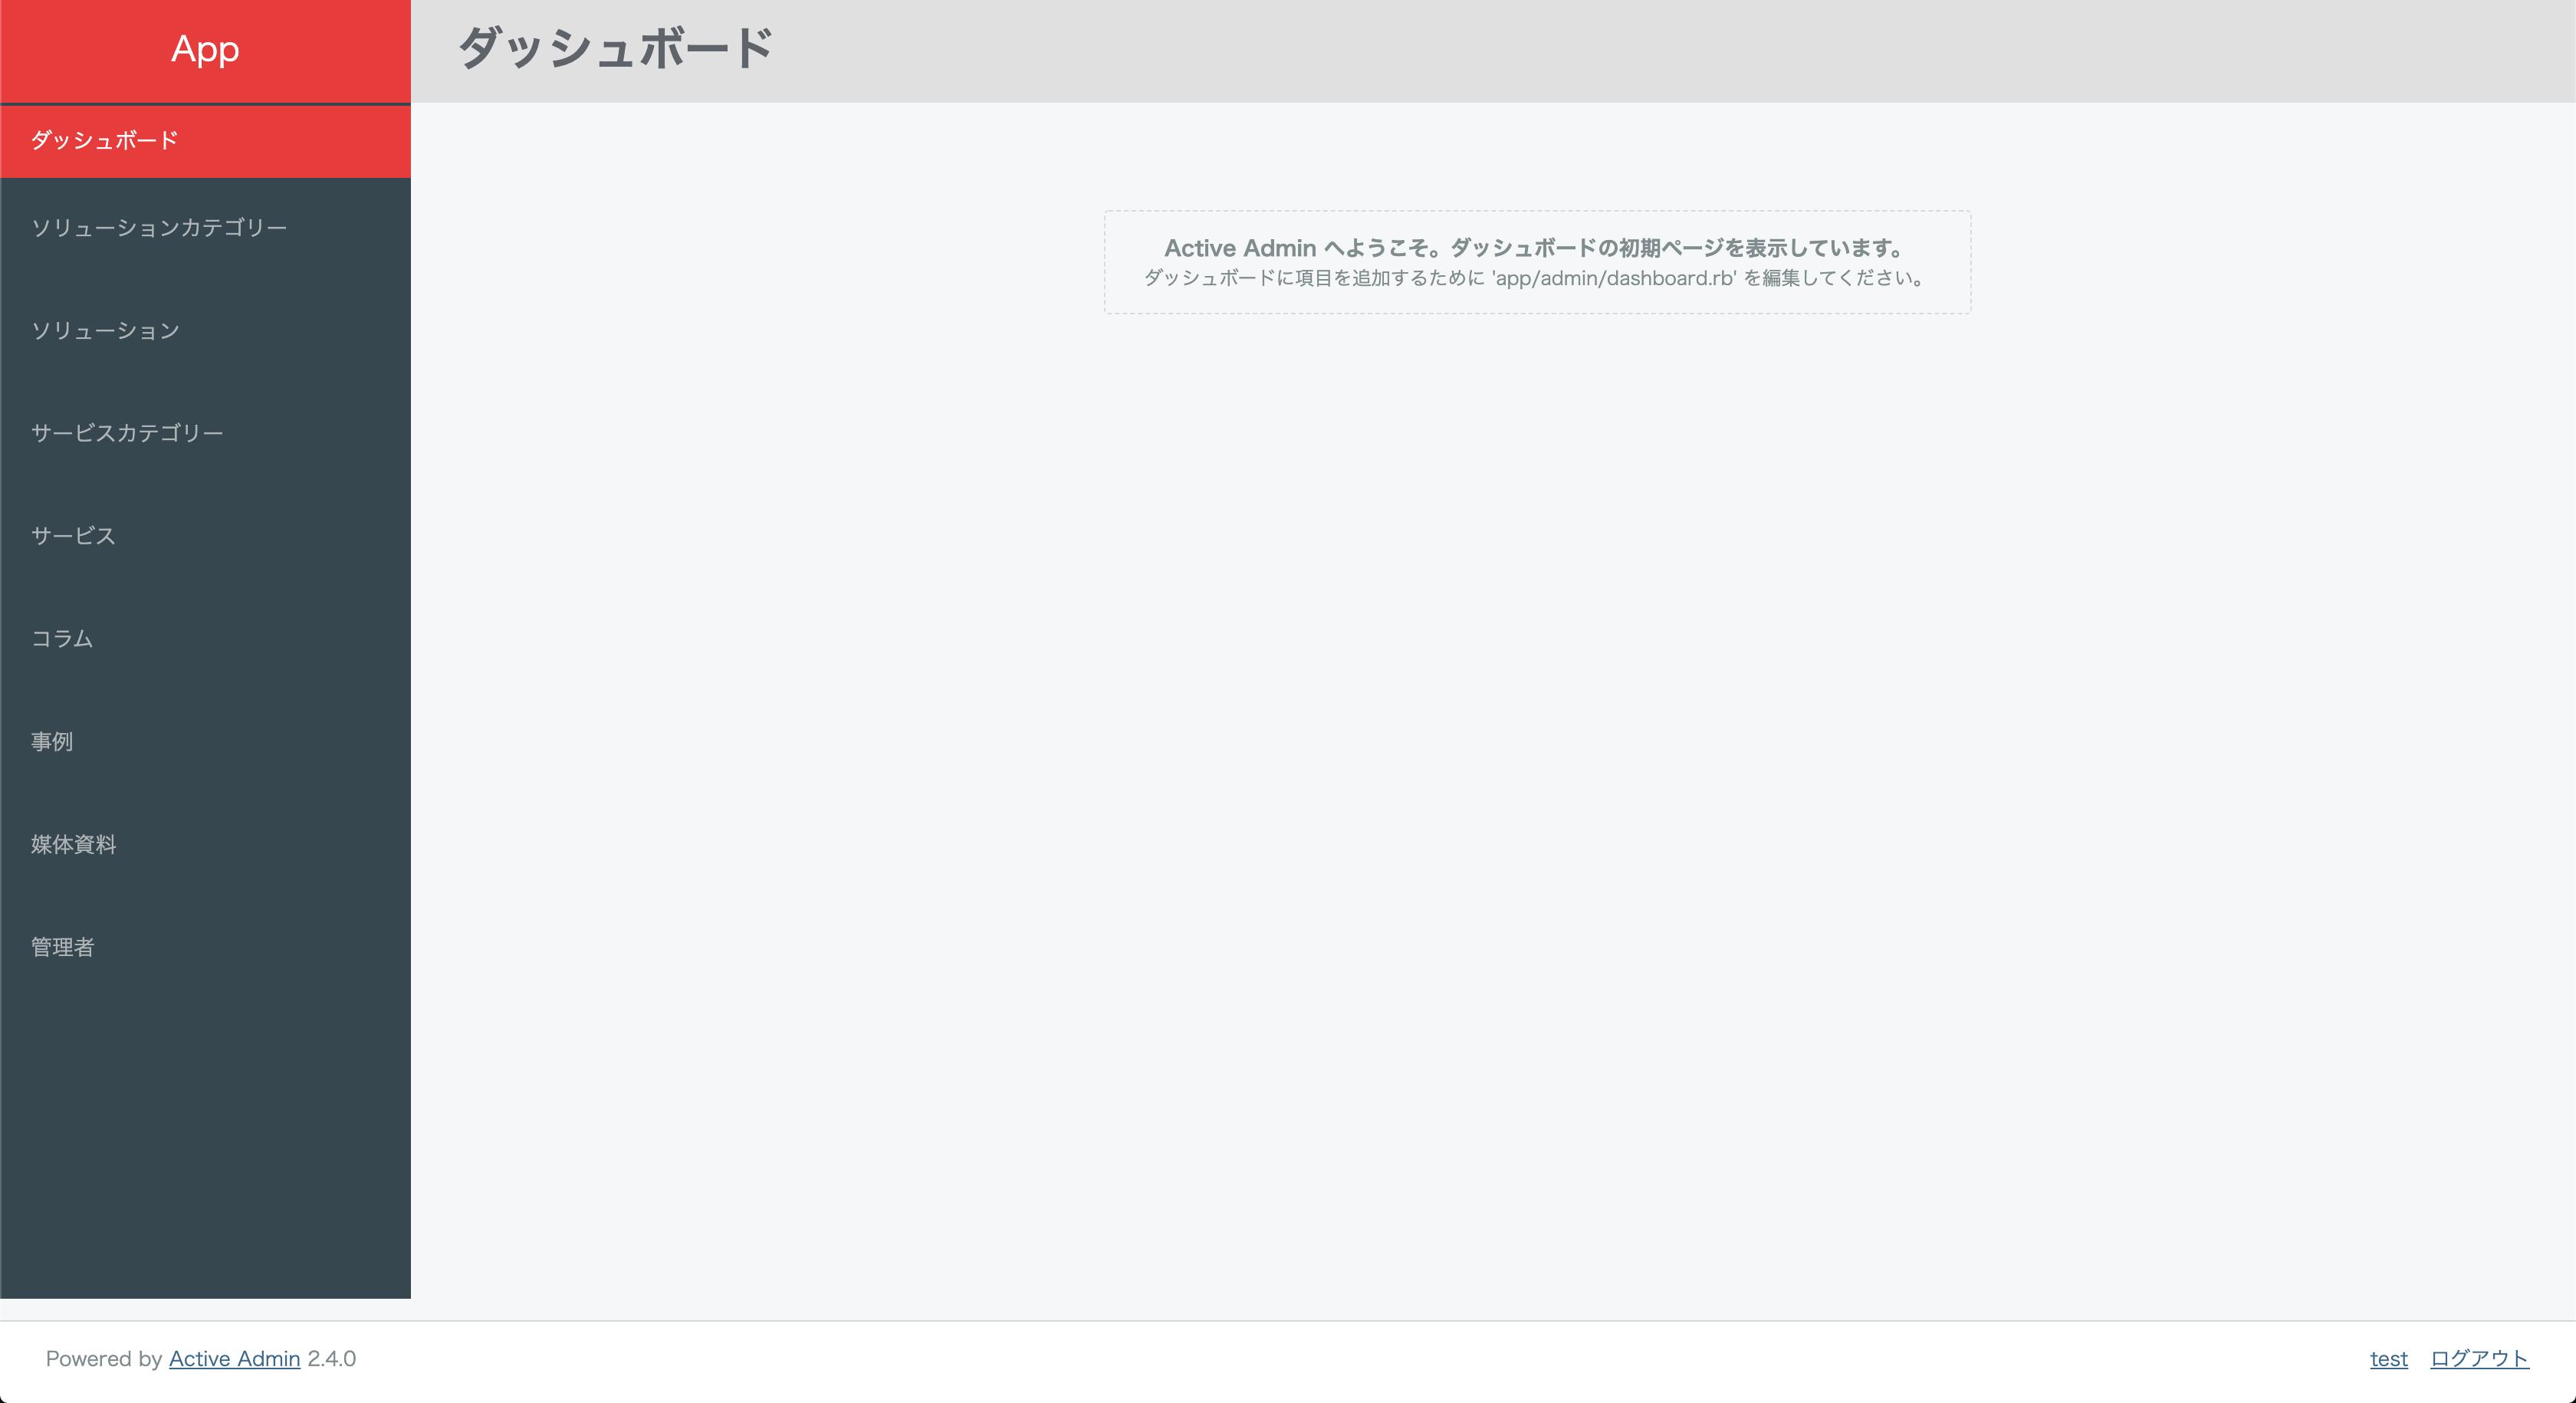 スクリーンショット 2019-11-11 16.41.18.png